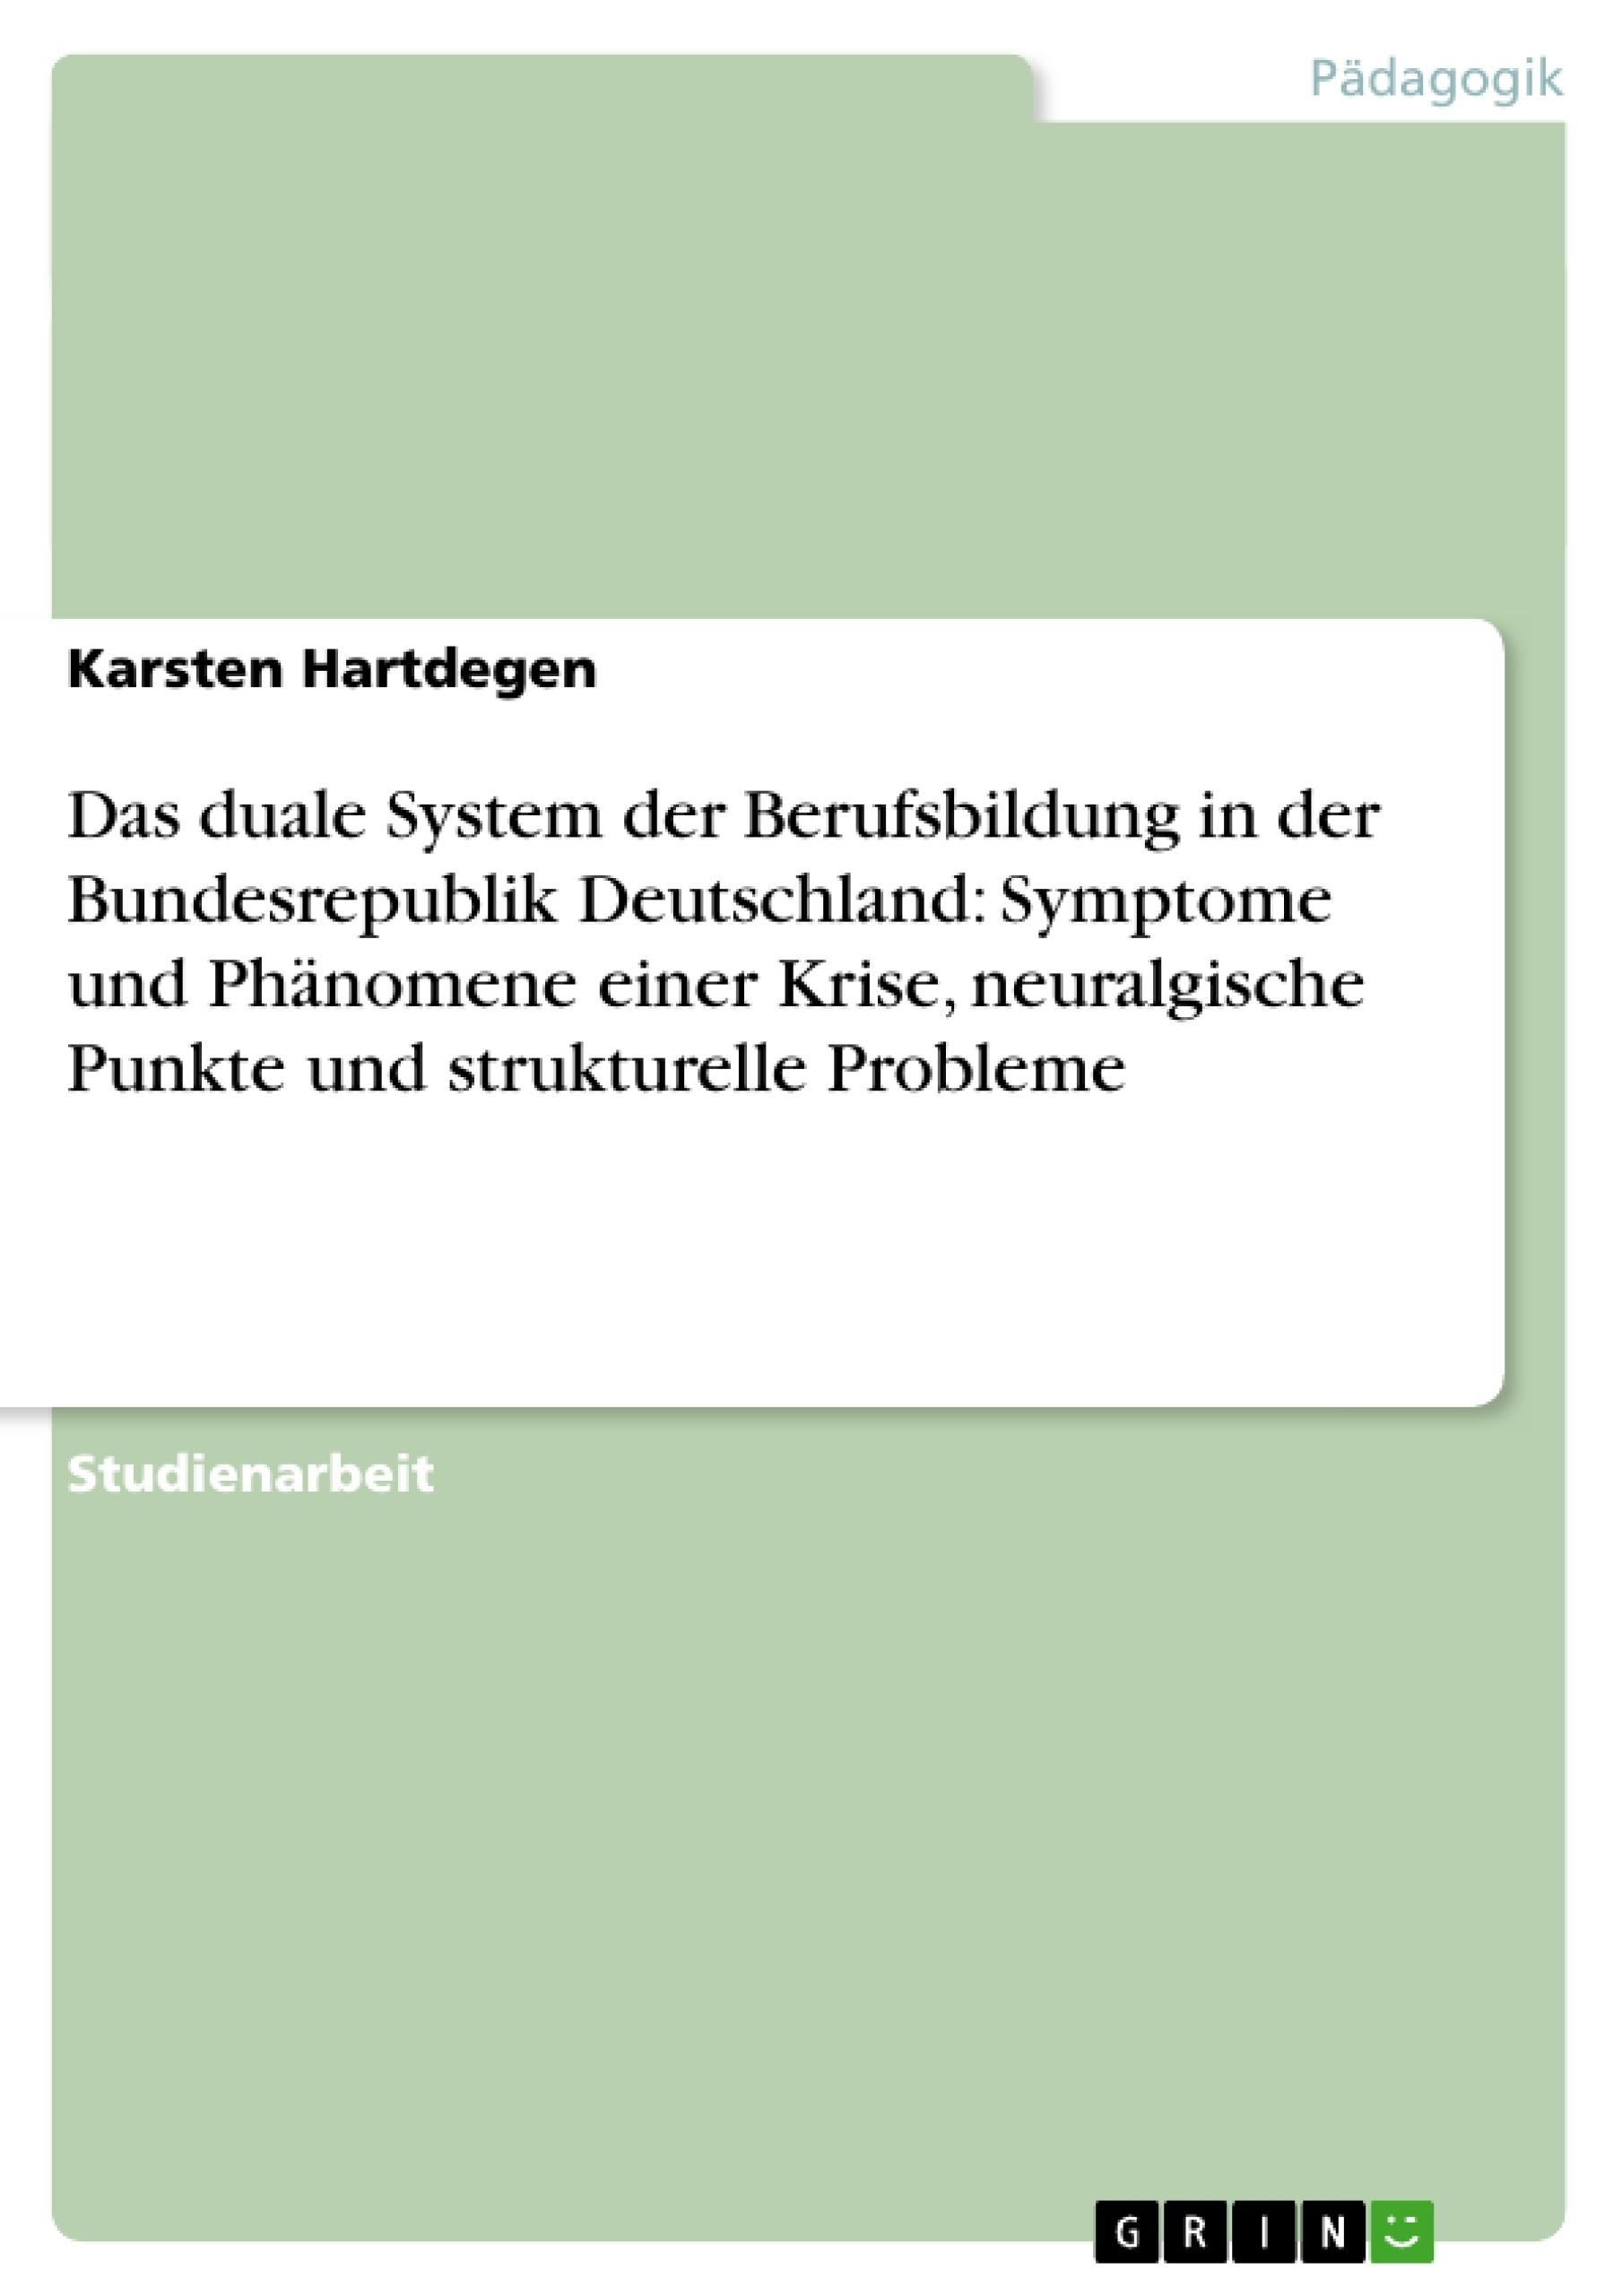 Titel: Das duale System der Berufsbildung in der Bundesrepublik Deutschland: Symptome und Phänomene einer Krise, neuralgische Punkte und strukturelle Probleme